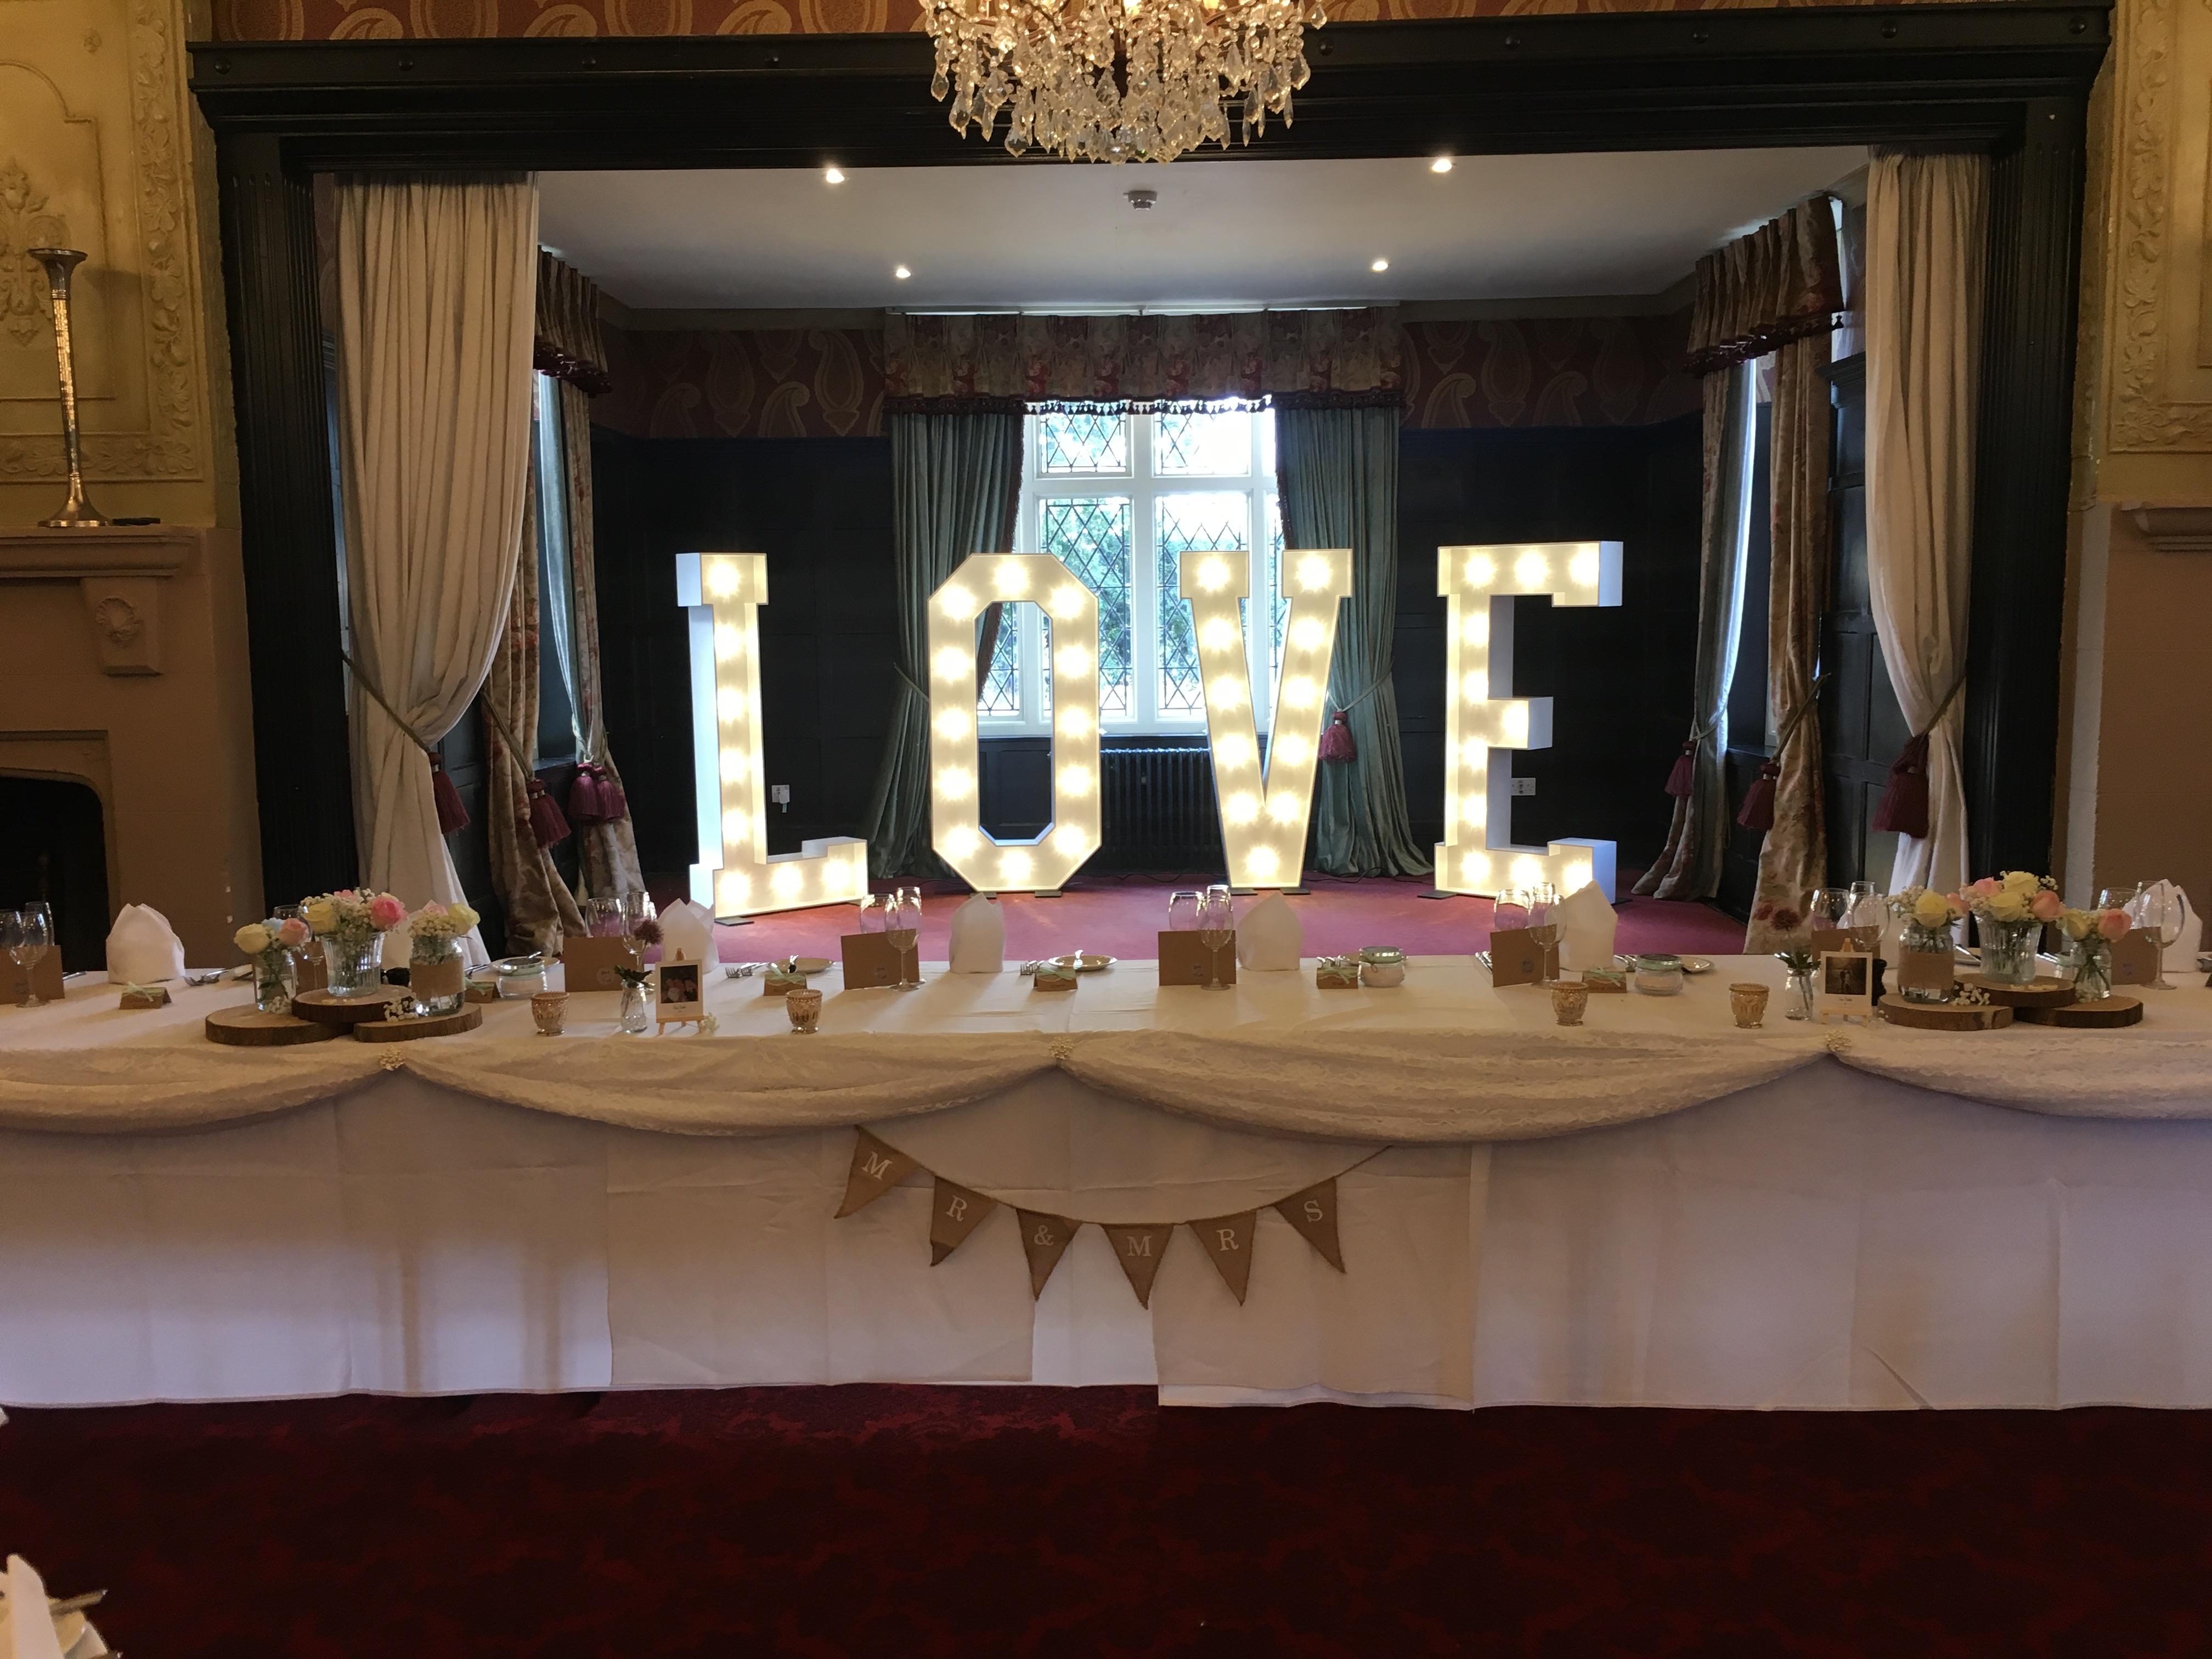 LOVE - Ye olde Bell Sophia's Final Touch - Venue Styling - Weddings